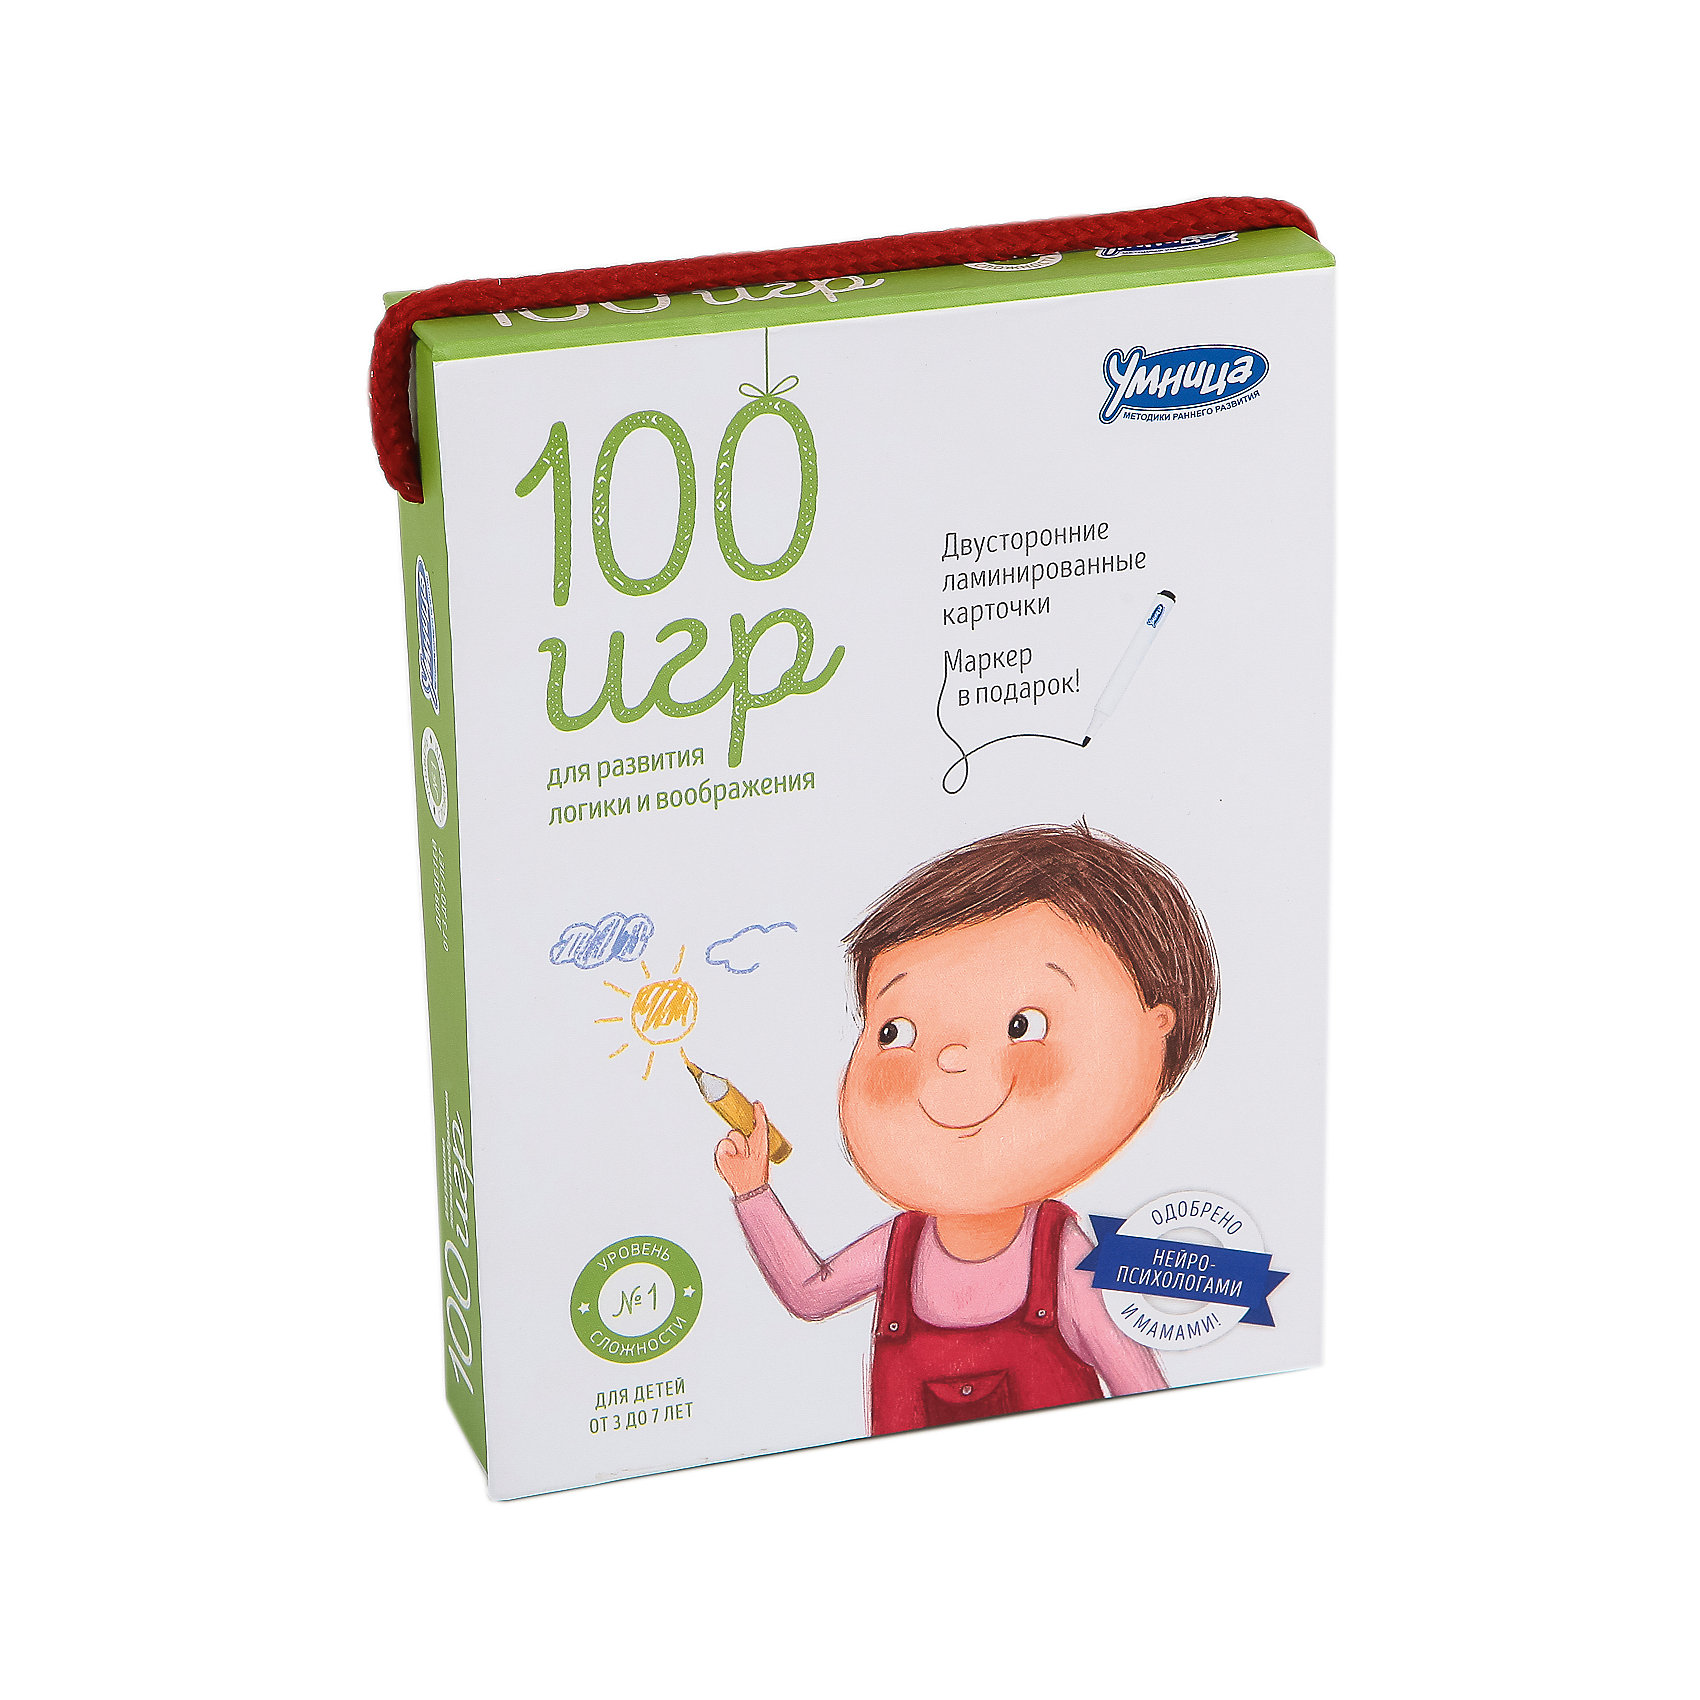 Карточки 100 игр, Уровень 1Умница<br>Характеристики:<br><br>• Вид игр: обучающие, развивающие<br>• Серия: Развивающие карточки<br>• Материал: картон, пластик<br>• Комплектация: 50 двухсторонних карточек, маркер, методические рекомендации родителям<br>• Размеры карточек (В*Ш): 15*11 см<br>• Тип упаковки: картонная коробка<br>• Размеры упаковки (Д*Ш*В): 11,5*15,5*30 см<br>• Вес в упаковке: 340 г<br><br>Карточки 100 игр, Уровень 1 состоят из 50 двухсторонних карточек с разнообразными заданиями, направленными на развитие внимания, логического мышления, зрительной памяти. Среди заданий: дорисуй картинку, выбери путь, найди отличия, найди указанные предметы и т.д. Для выполнения заданий в комплекте предусмотрен маркер, который легко стирается с поверхности.<br><br>Карточки 100 игр, Уровень 1 можно купить в нашем интернет-магазине.<br><br>Ширина мм: 115<br>Глубина мм: 155<br>Высота мм: 300<br>Вес г: 340<br>Возраст от месяцев: 36<br>Возраст до месяцев: 2147483647<br>Пол: Унисекс<br>Возраст: Детский<br>SKU: 5523166